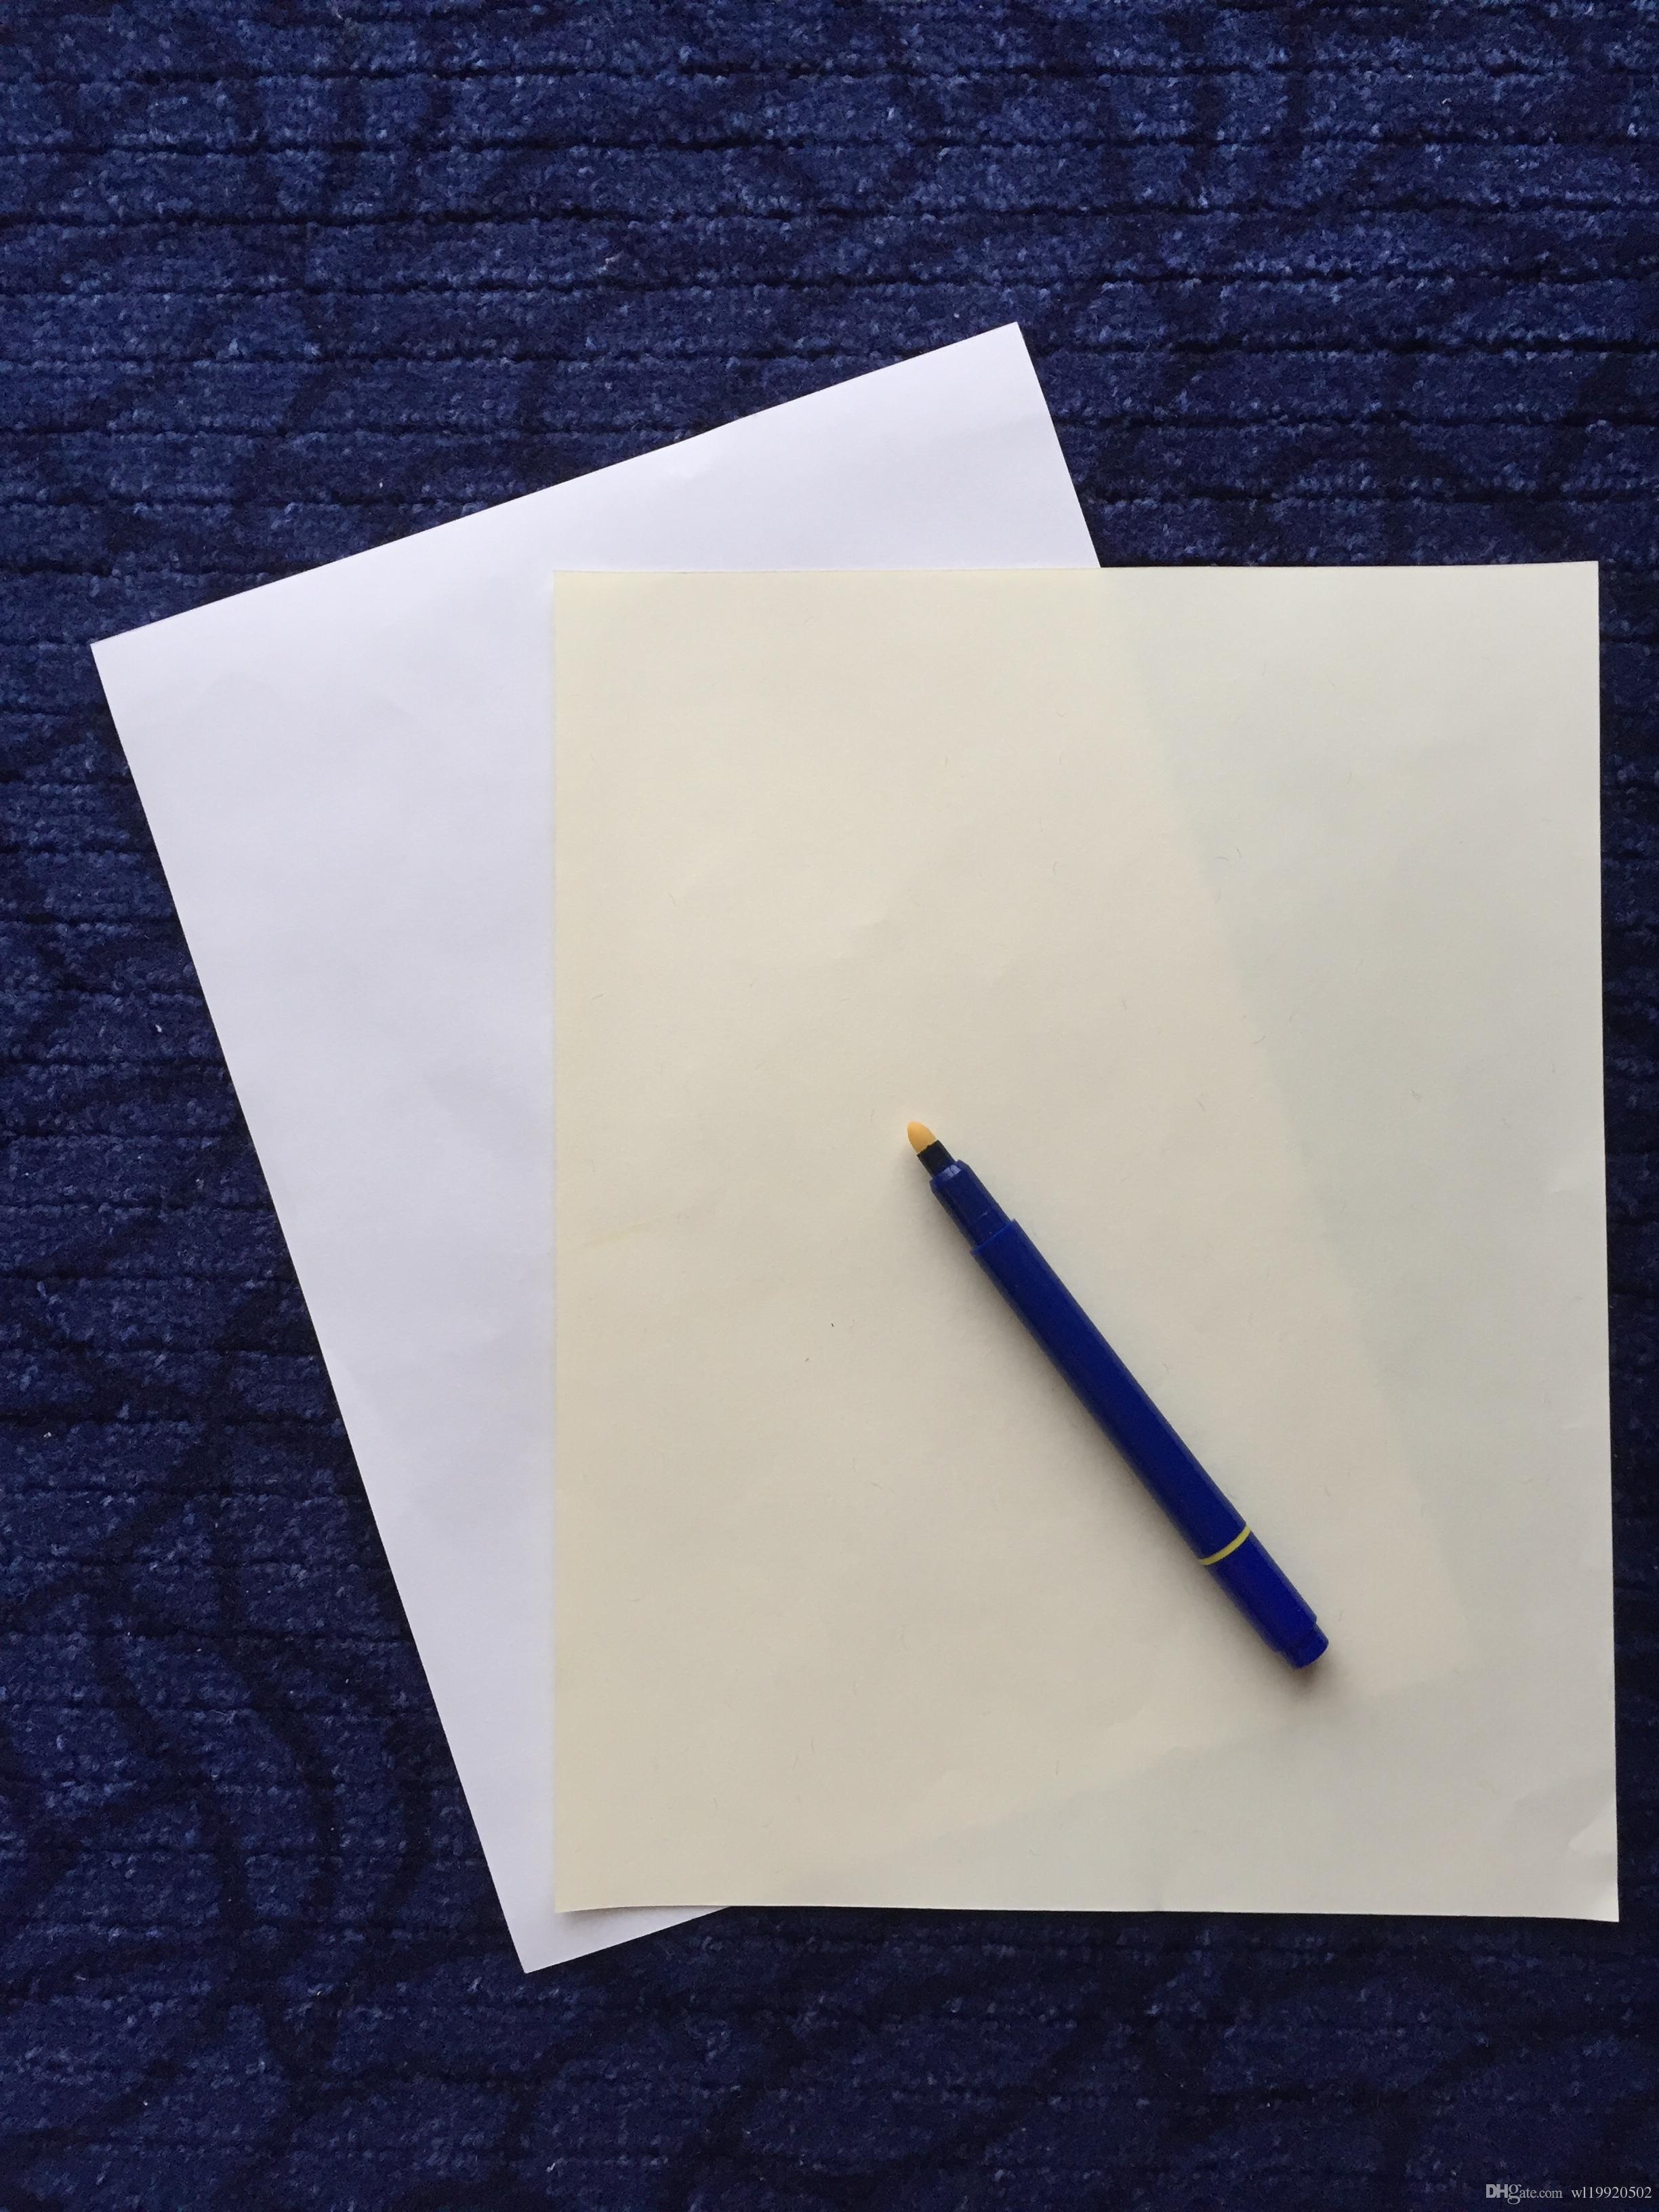 Contratto di carta printinng cotone lino sentire amido acido libero tipi impermeabili liberi a4 dimensioni di colore bianco 100 fogli carta per banconote alta qualità